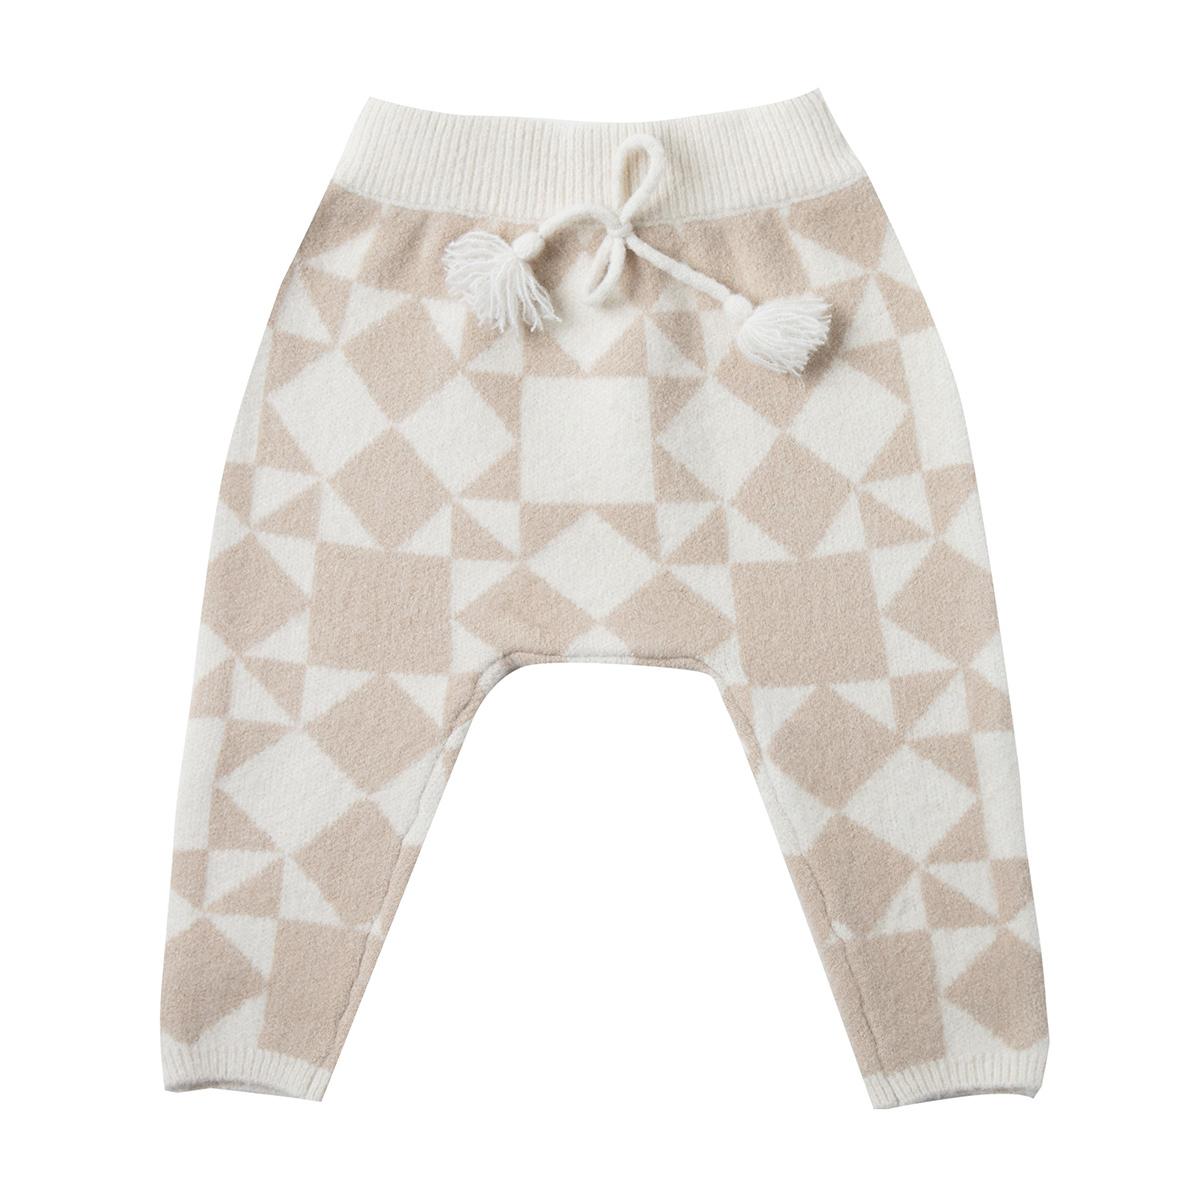 Bas Bébé Pantalon Patchwork Jacquard Ivoire - 12/18 Mois Pantalon Patchwork Jacquard Ivoire - 12/18 Mois